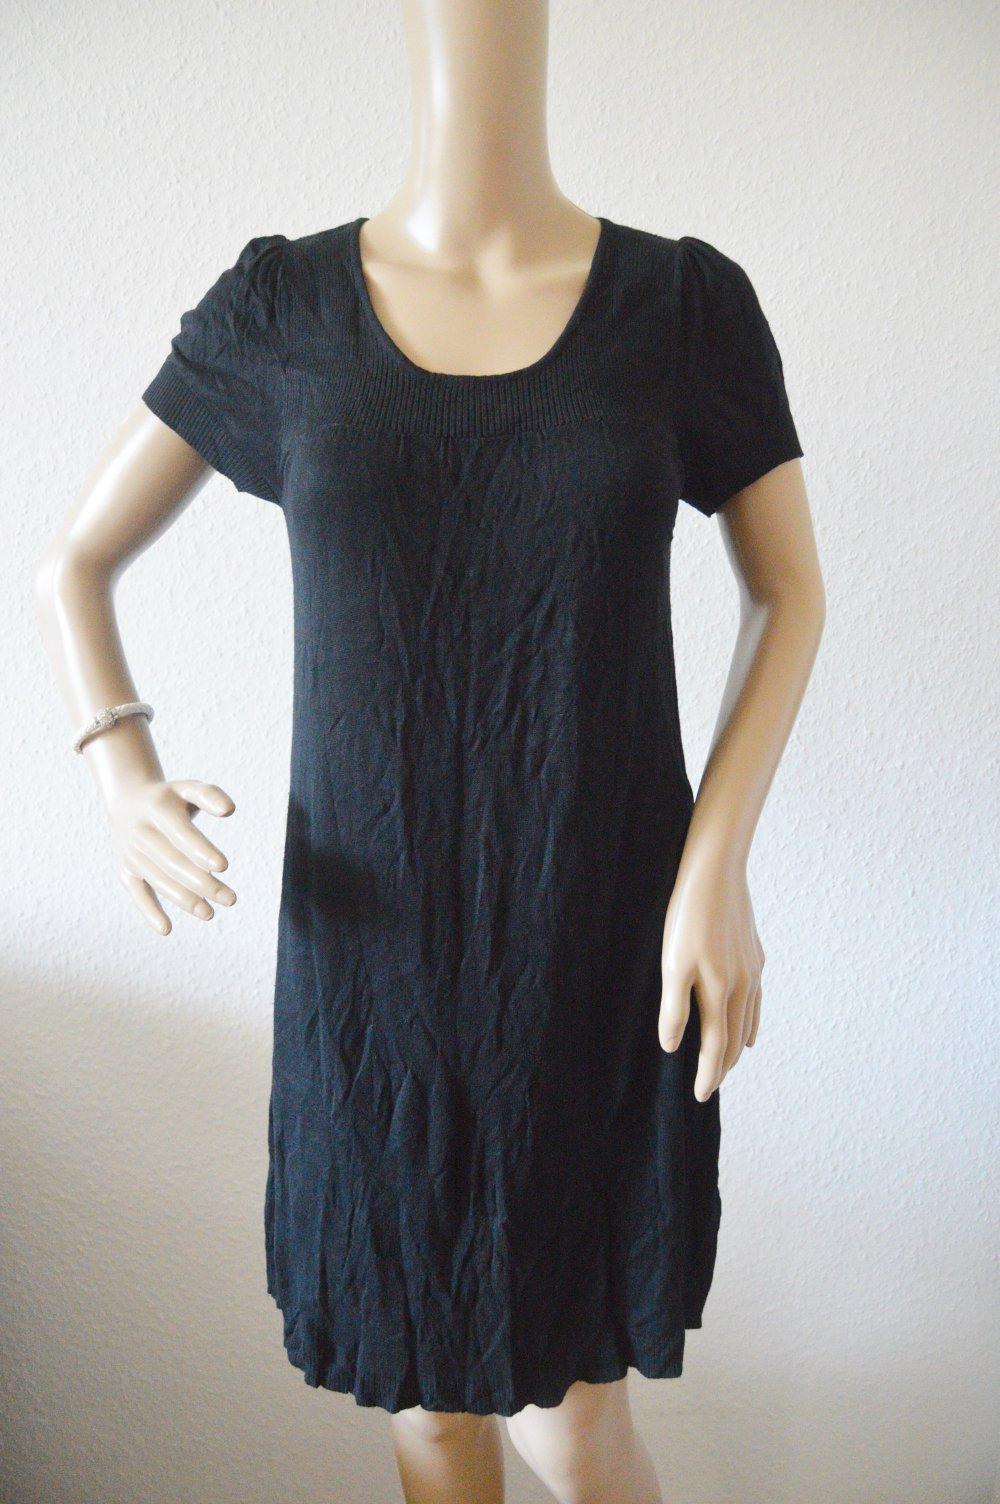 Abend Wunderbar Schwarzes Kleid Größe 50 ÄrmelFormal Luxus Schwarzes Kleid Größe 50 Stylish